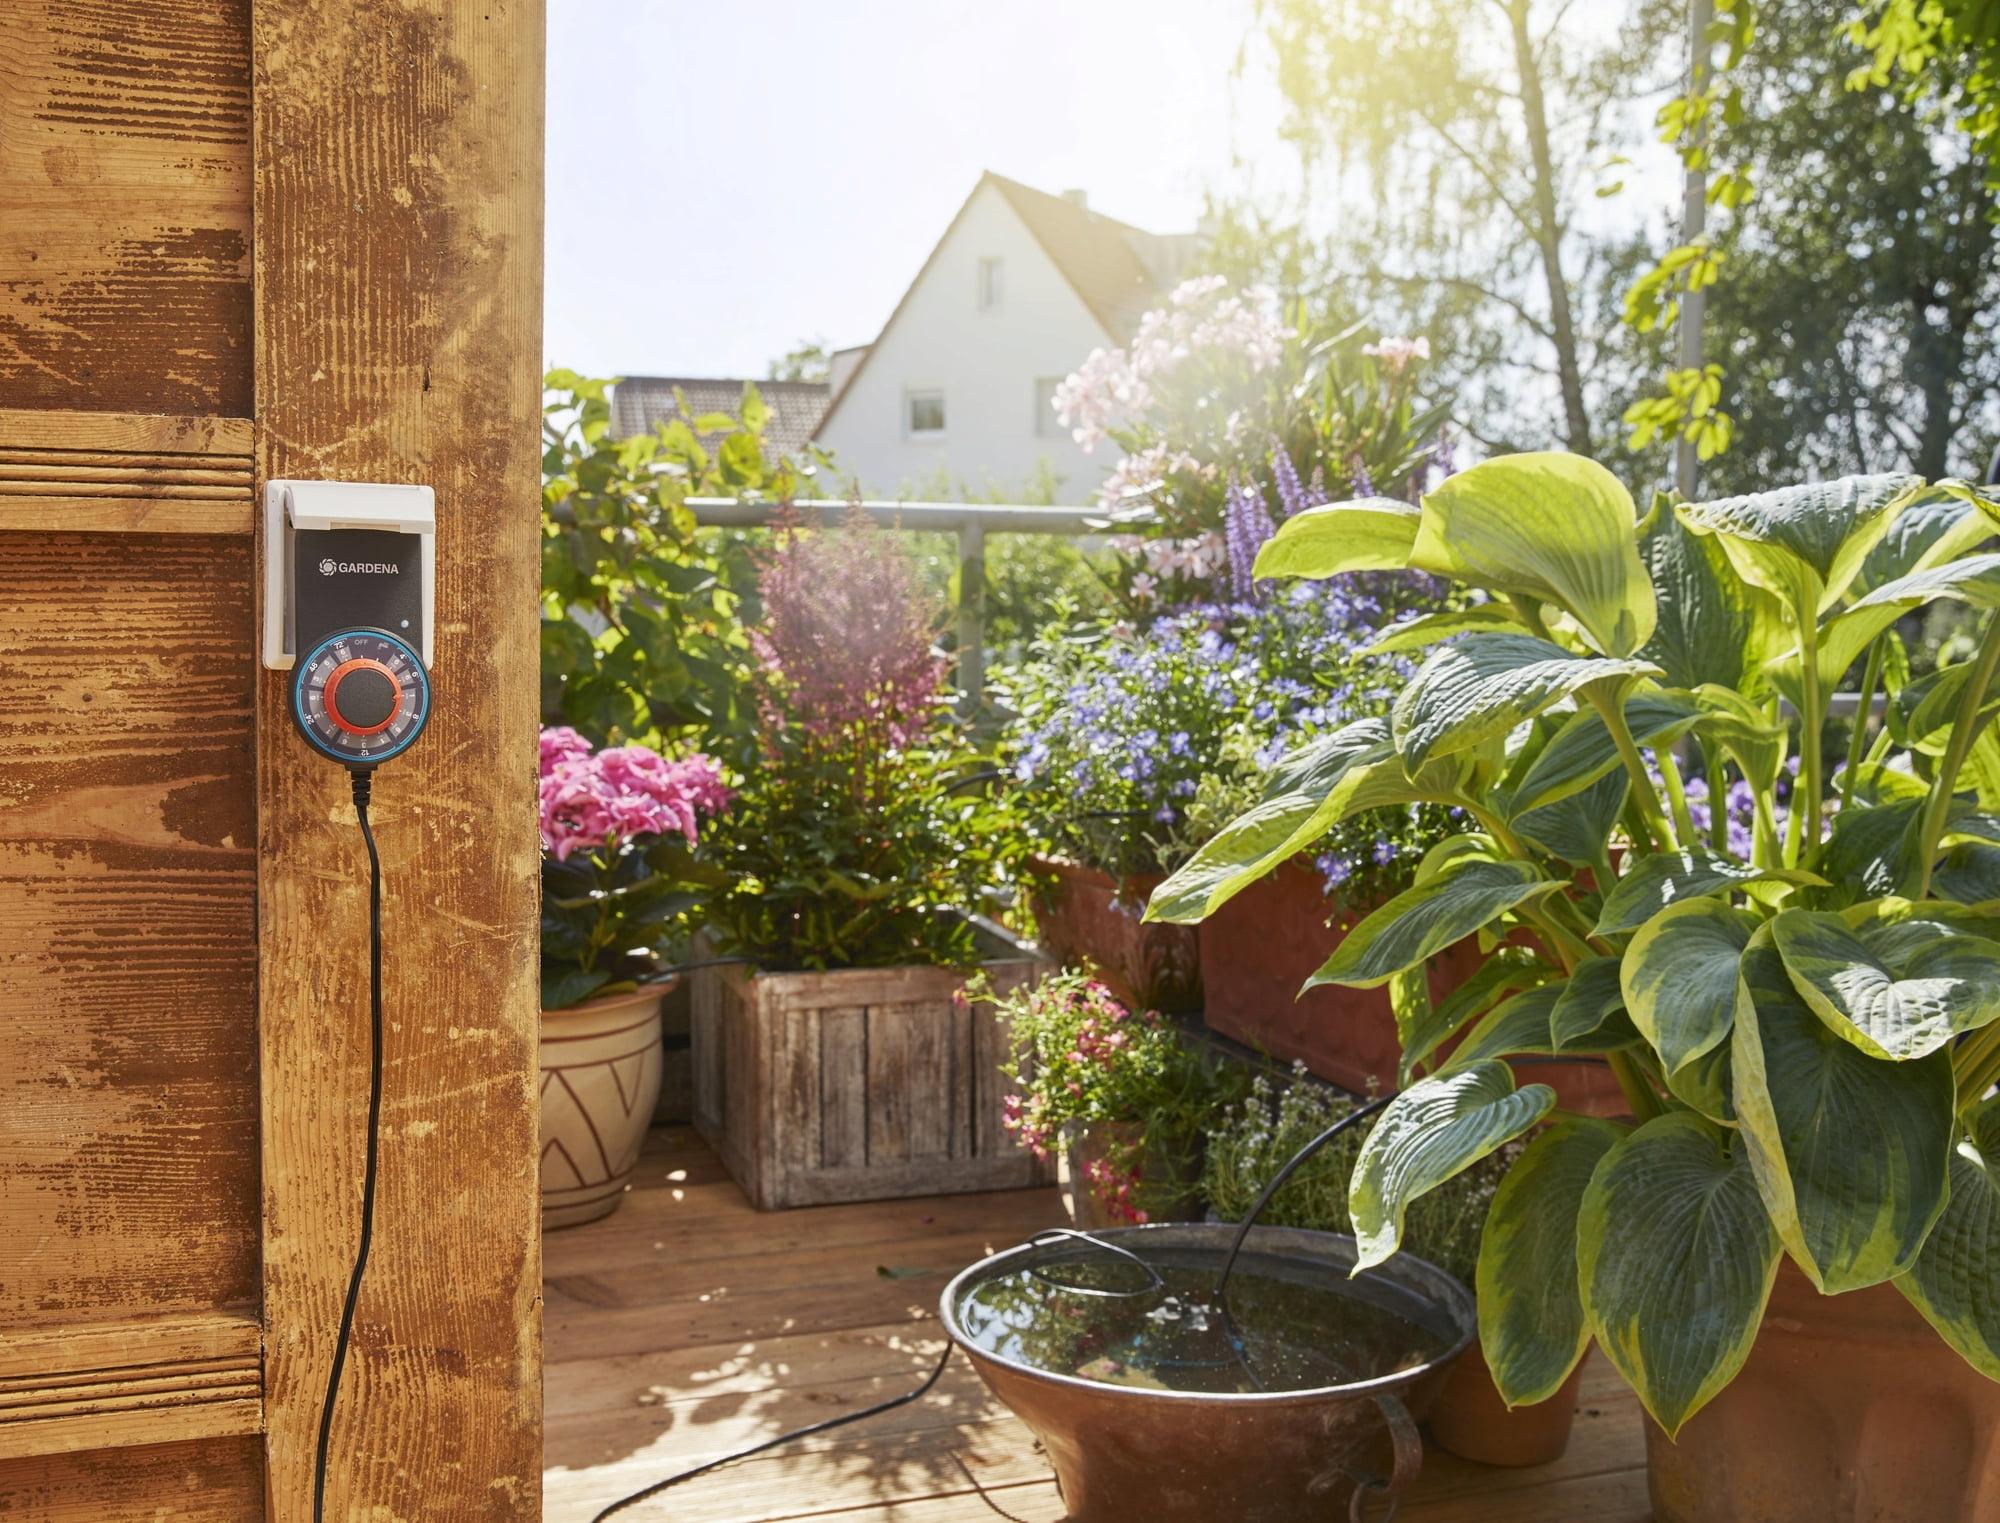 Full Size of Bewässerung Balkon Gardena Vollautomatische Blumenkastenbewsserung Bewässerungssysteme Garten Test Automatisch Bewässerungssystem Wohnzimmer Bewässerung Balkon